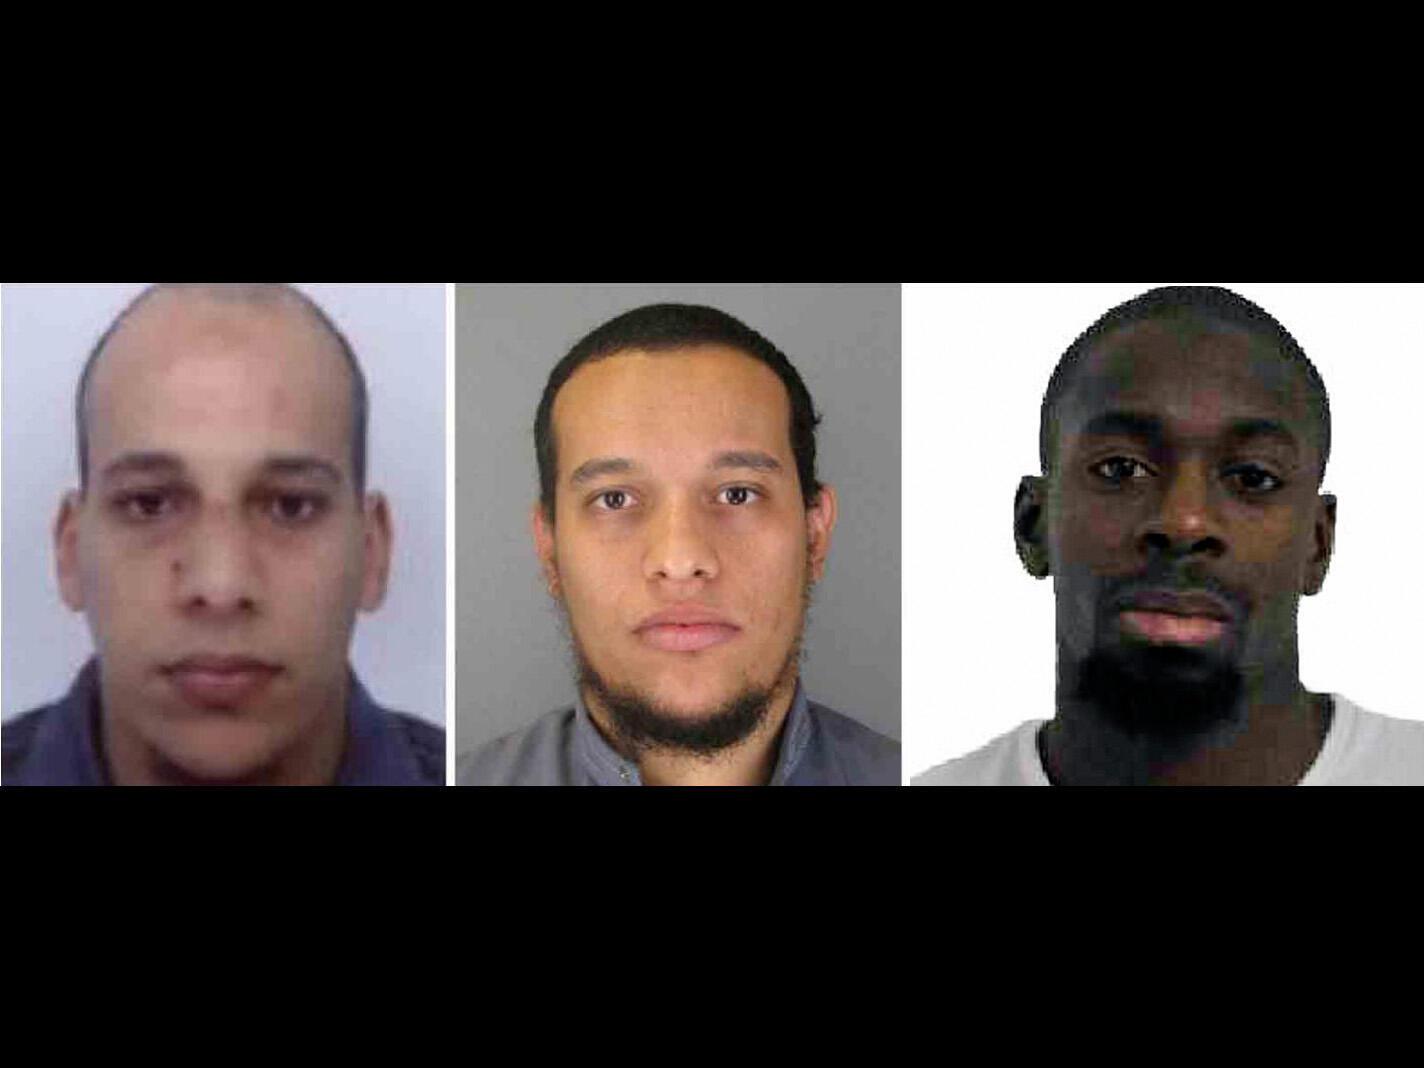 از چپ به راست: شریف و سعید کواچی و احمدی کولیبالی، ٣ تروریستی که در پایتخت فرانسه ١٧ نفر را به قتل رساندند وسپس توسط پلیس فرانسه کشته شدند.